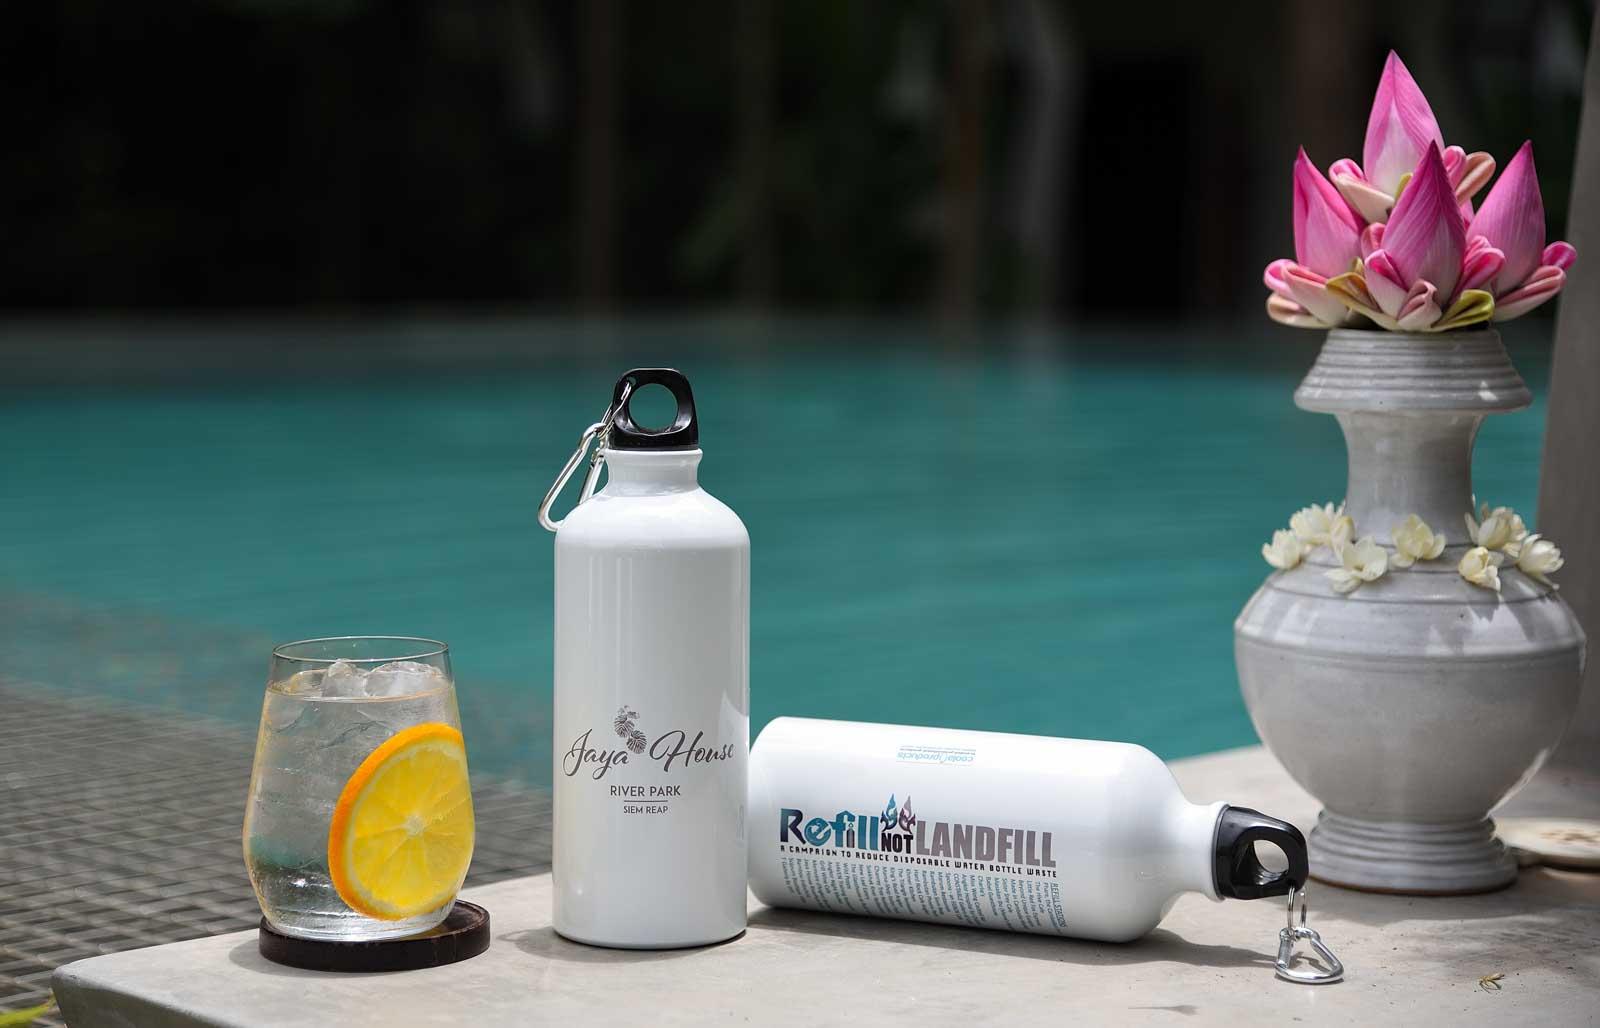 Refill Not Landfiill bottles